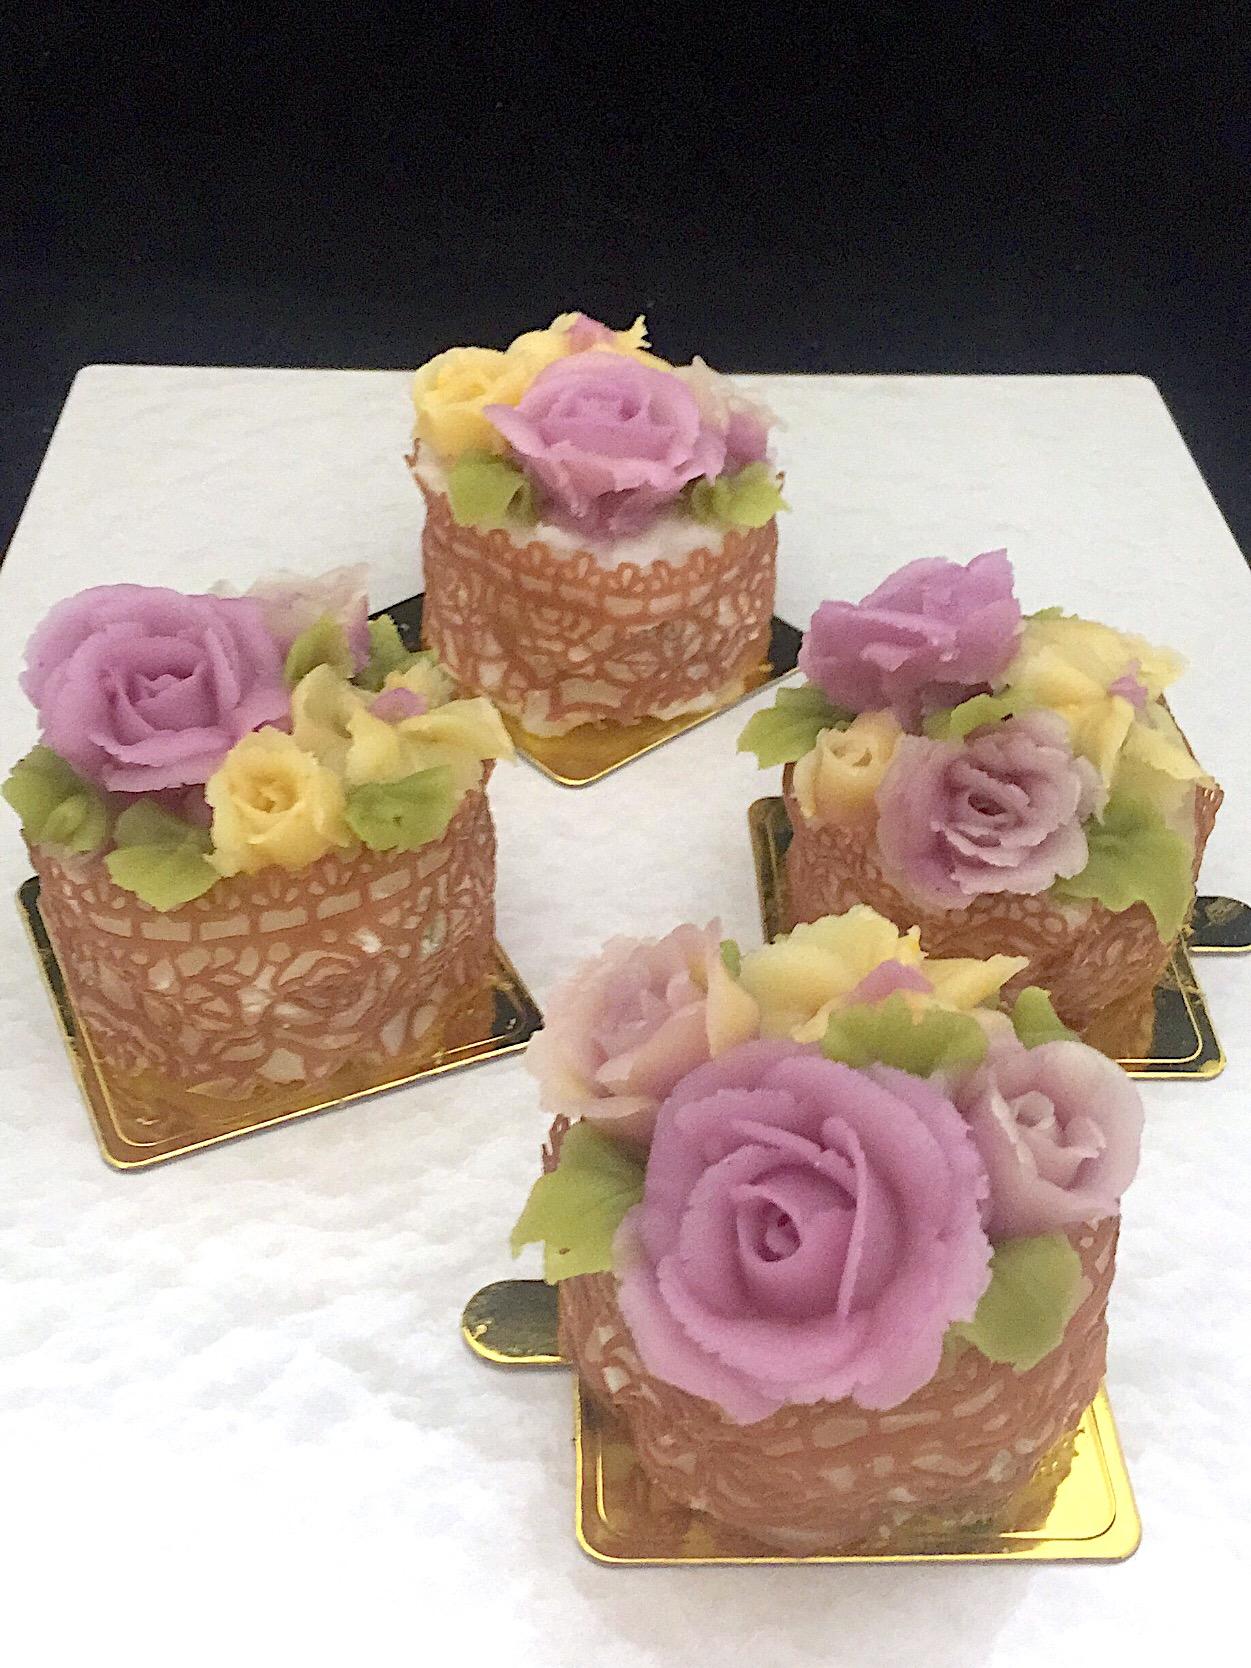 お餅ケーキに餡子のお花と餡子で作ったレースを飾りました。